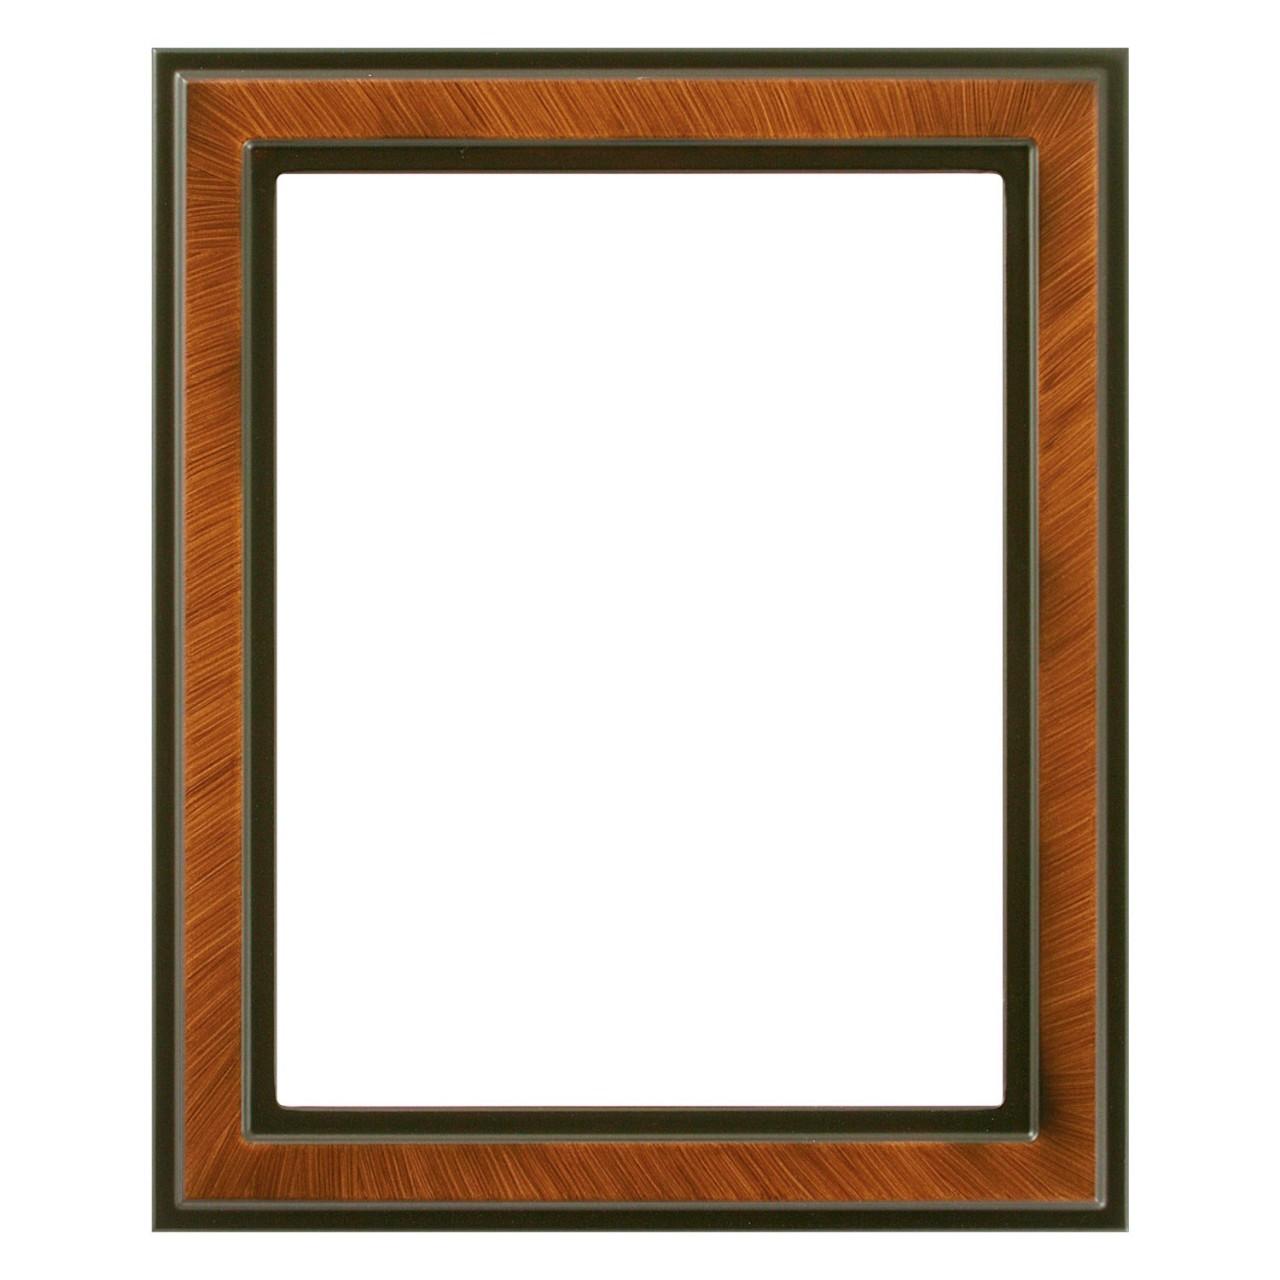 Neil Enterprises Inc 4 x 6 Walnut Wood Picture Frame